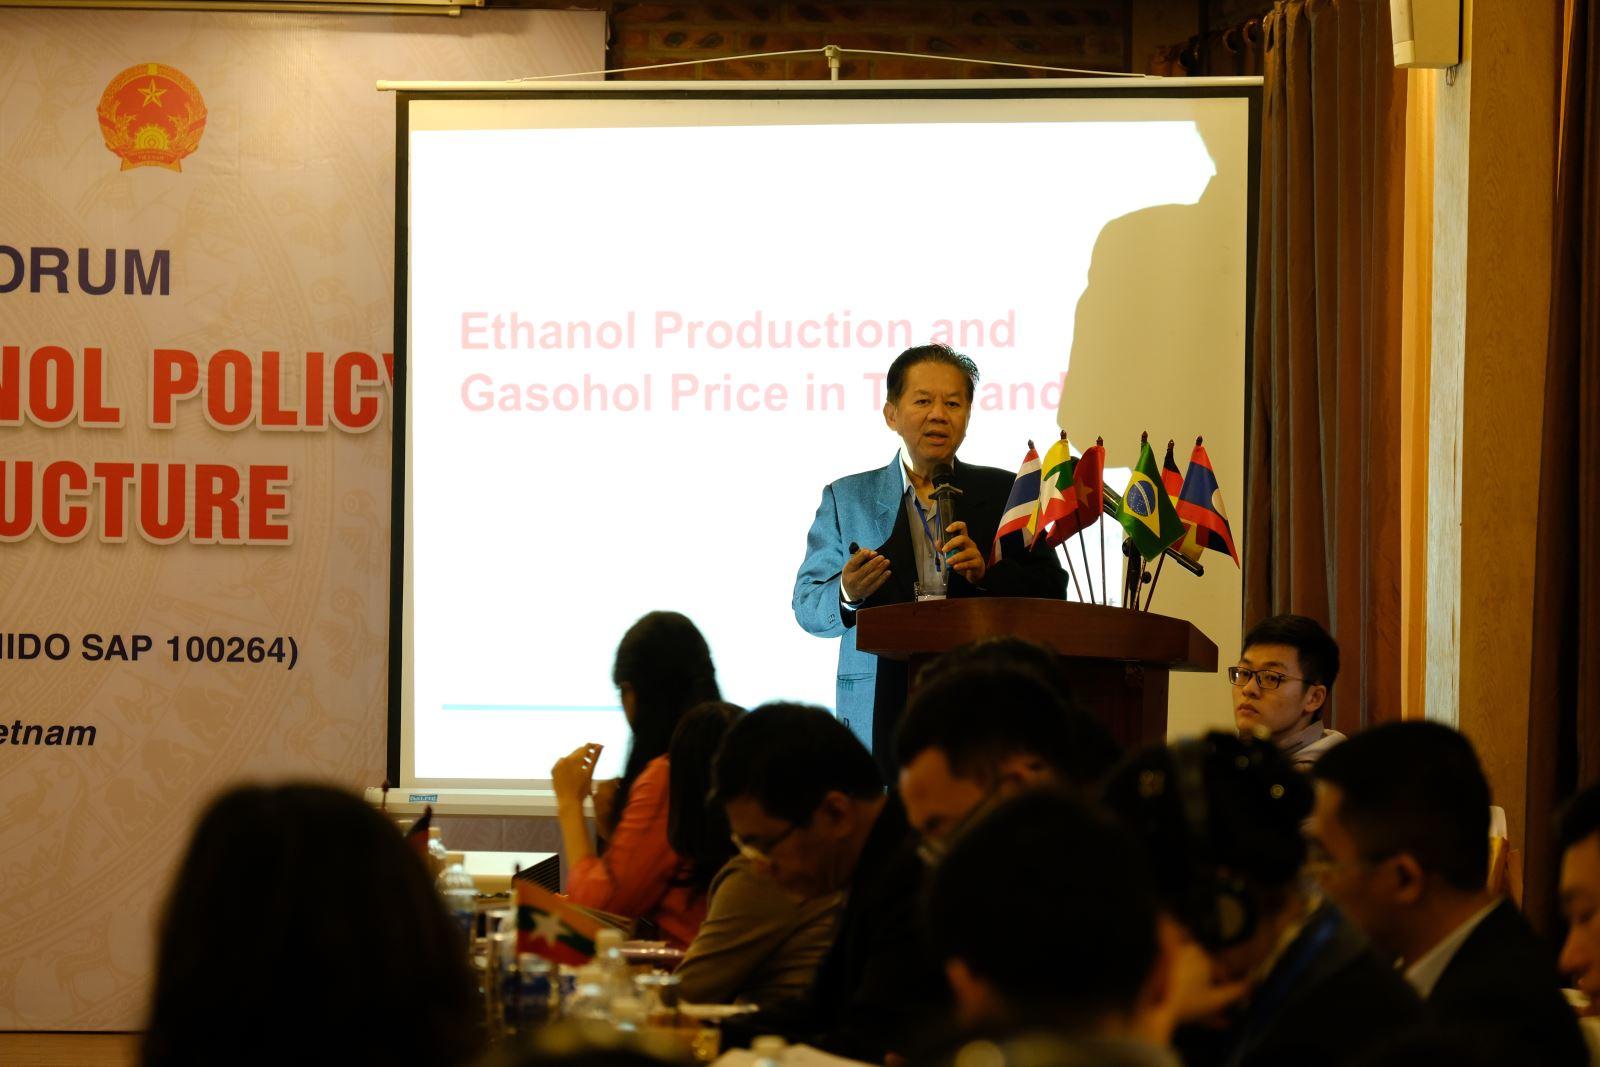 TS. Athikom Bangviwat – Đại học Công nghệ King Mongkut's, Thái Lan trình bày về Sản xuất Ethanol và Giá Xăng Sinh học tại Thái lan